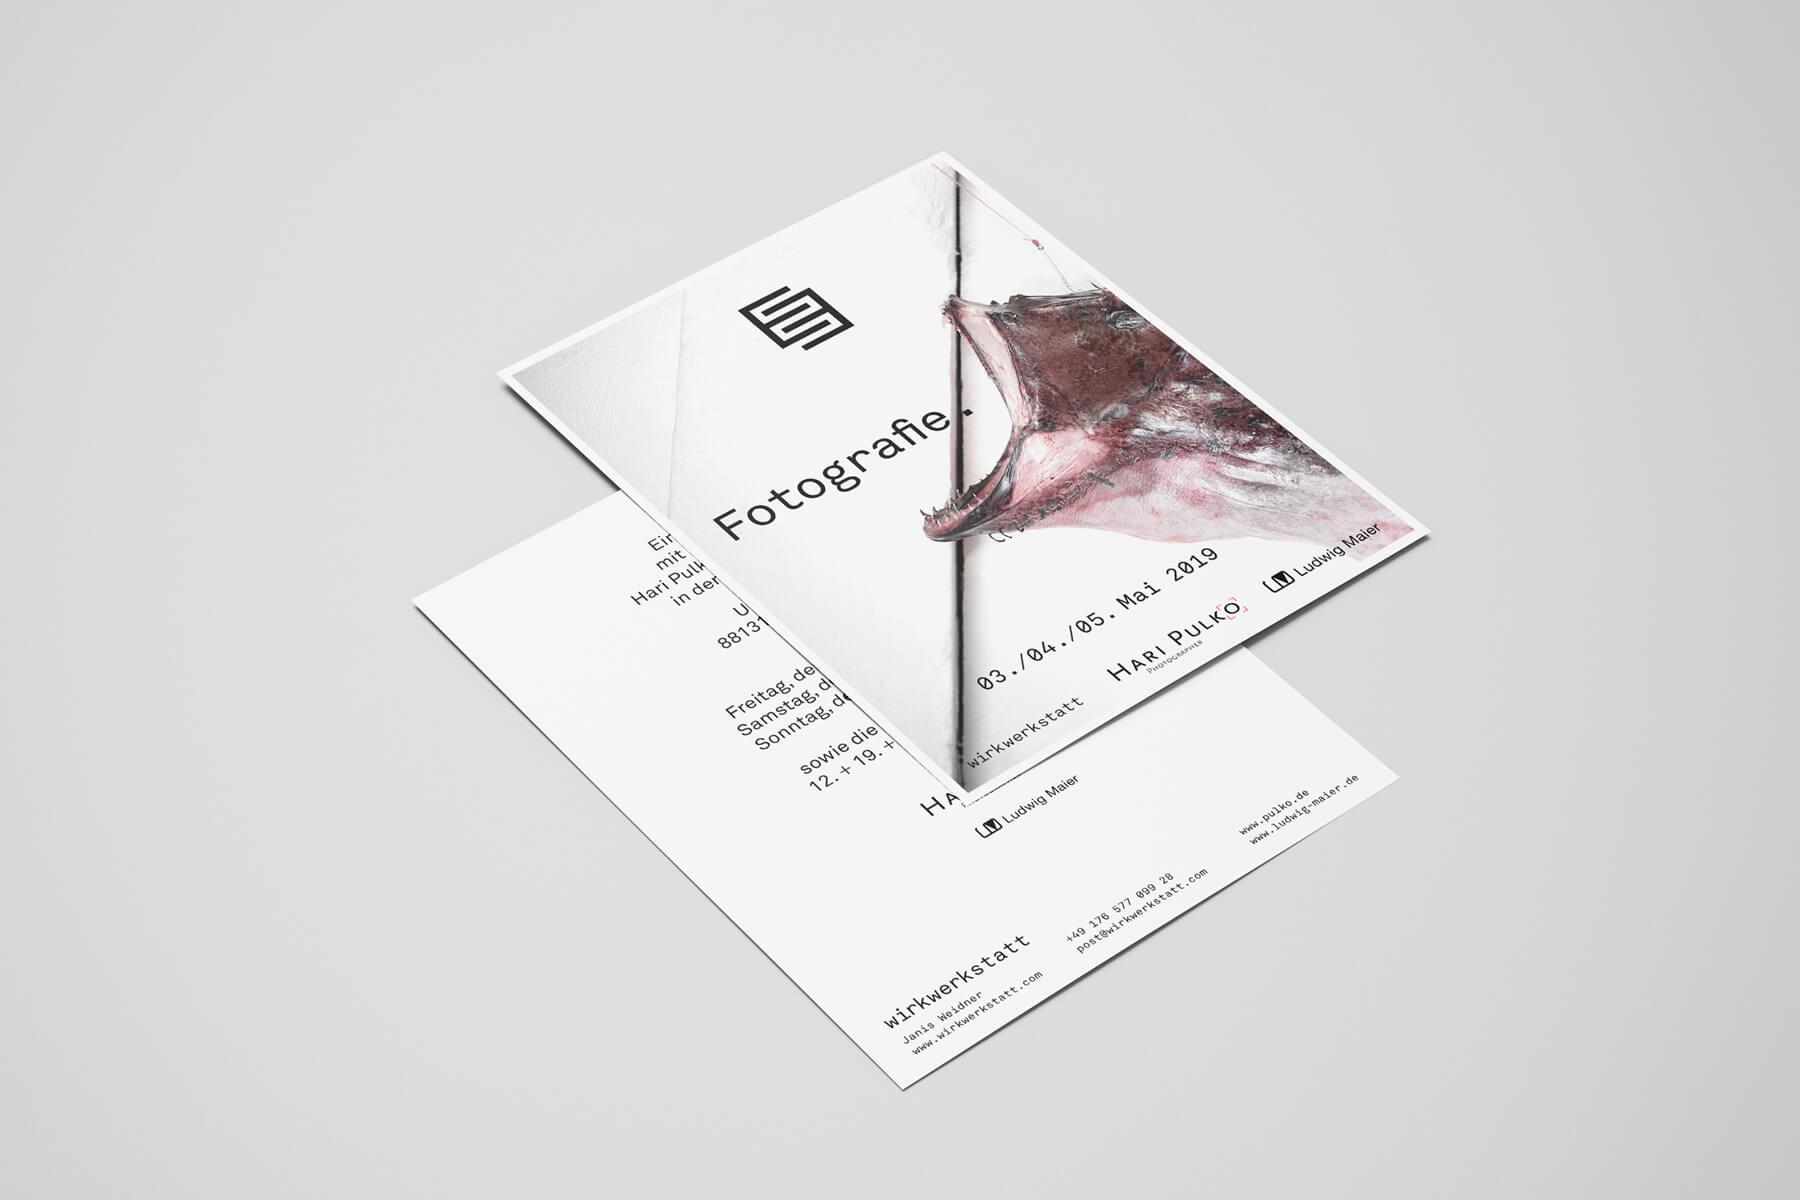 grafikdesign-janis-weidner-lindau-bodensee-flyer-fotografie-01